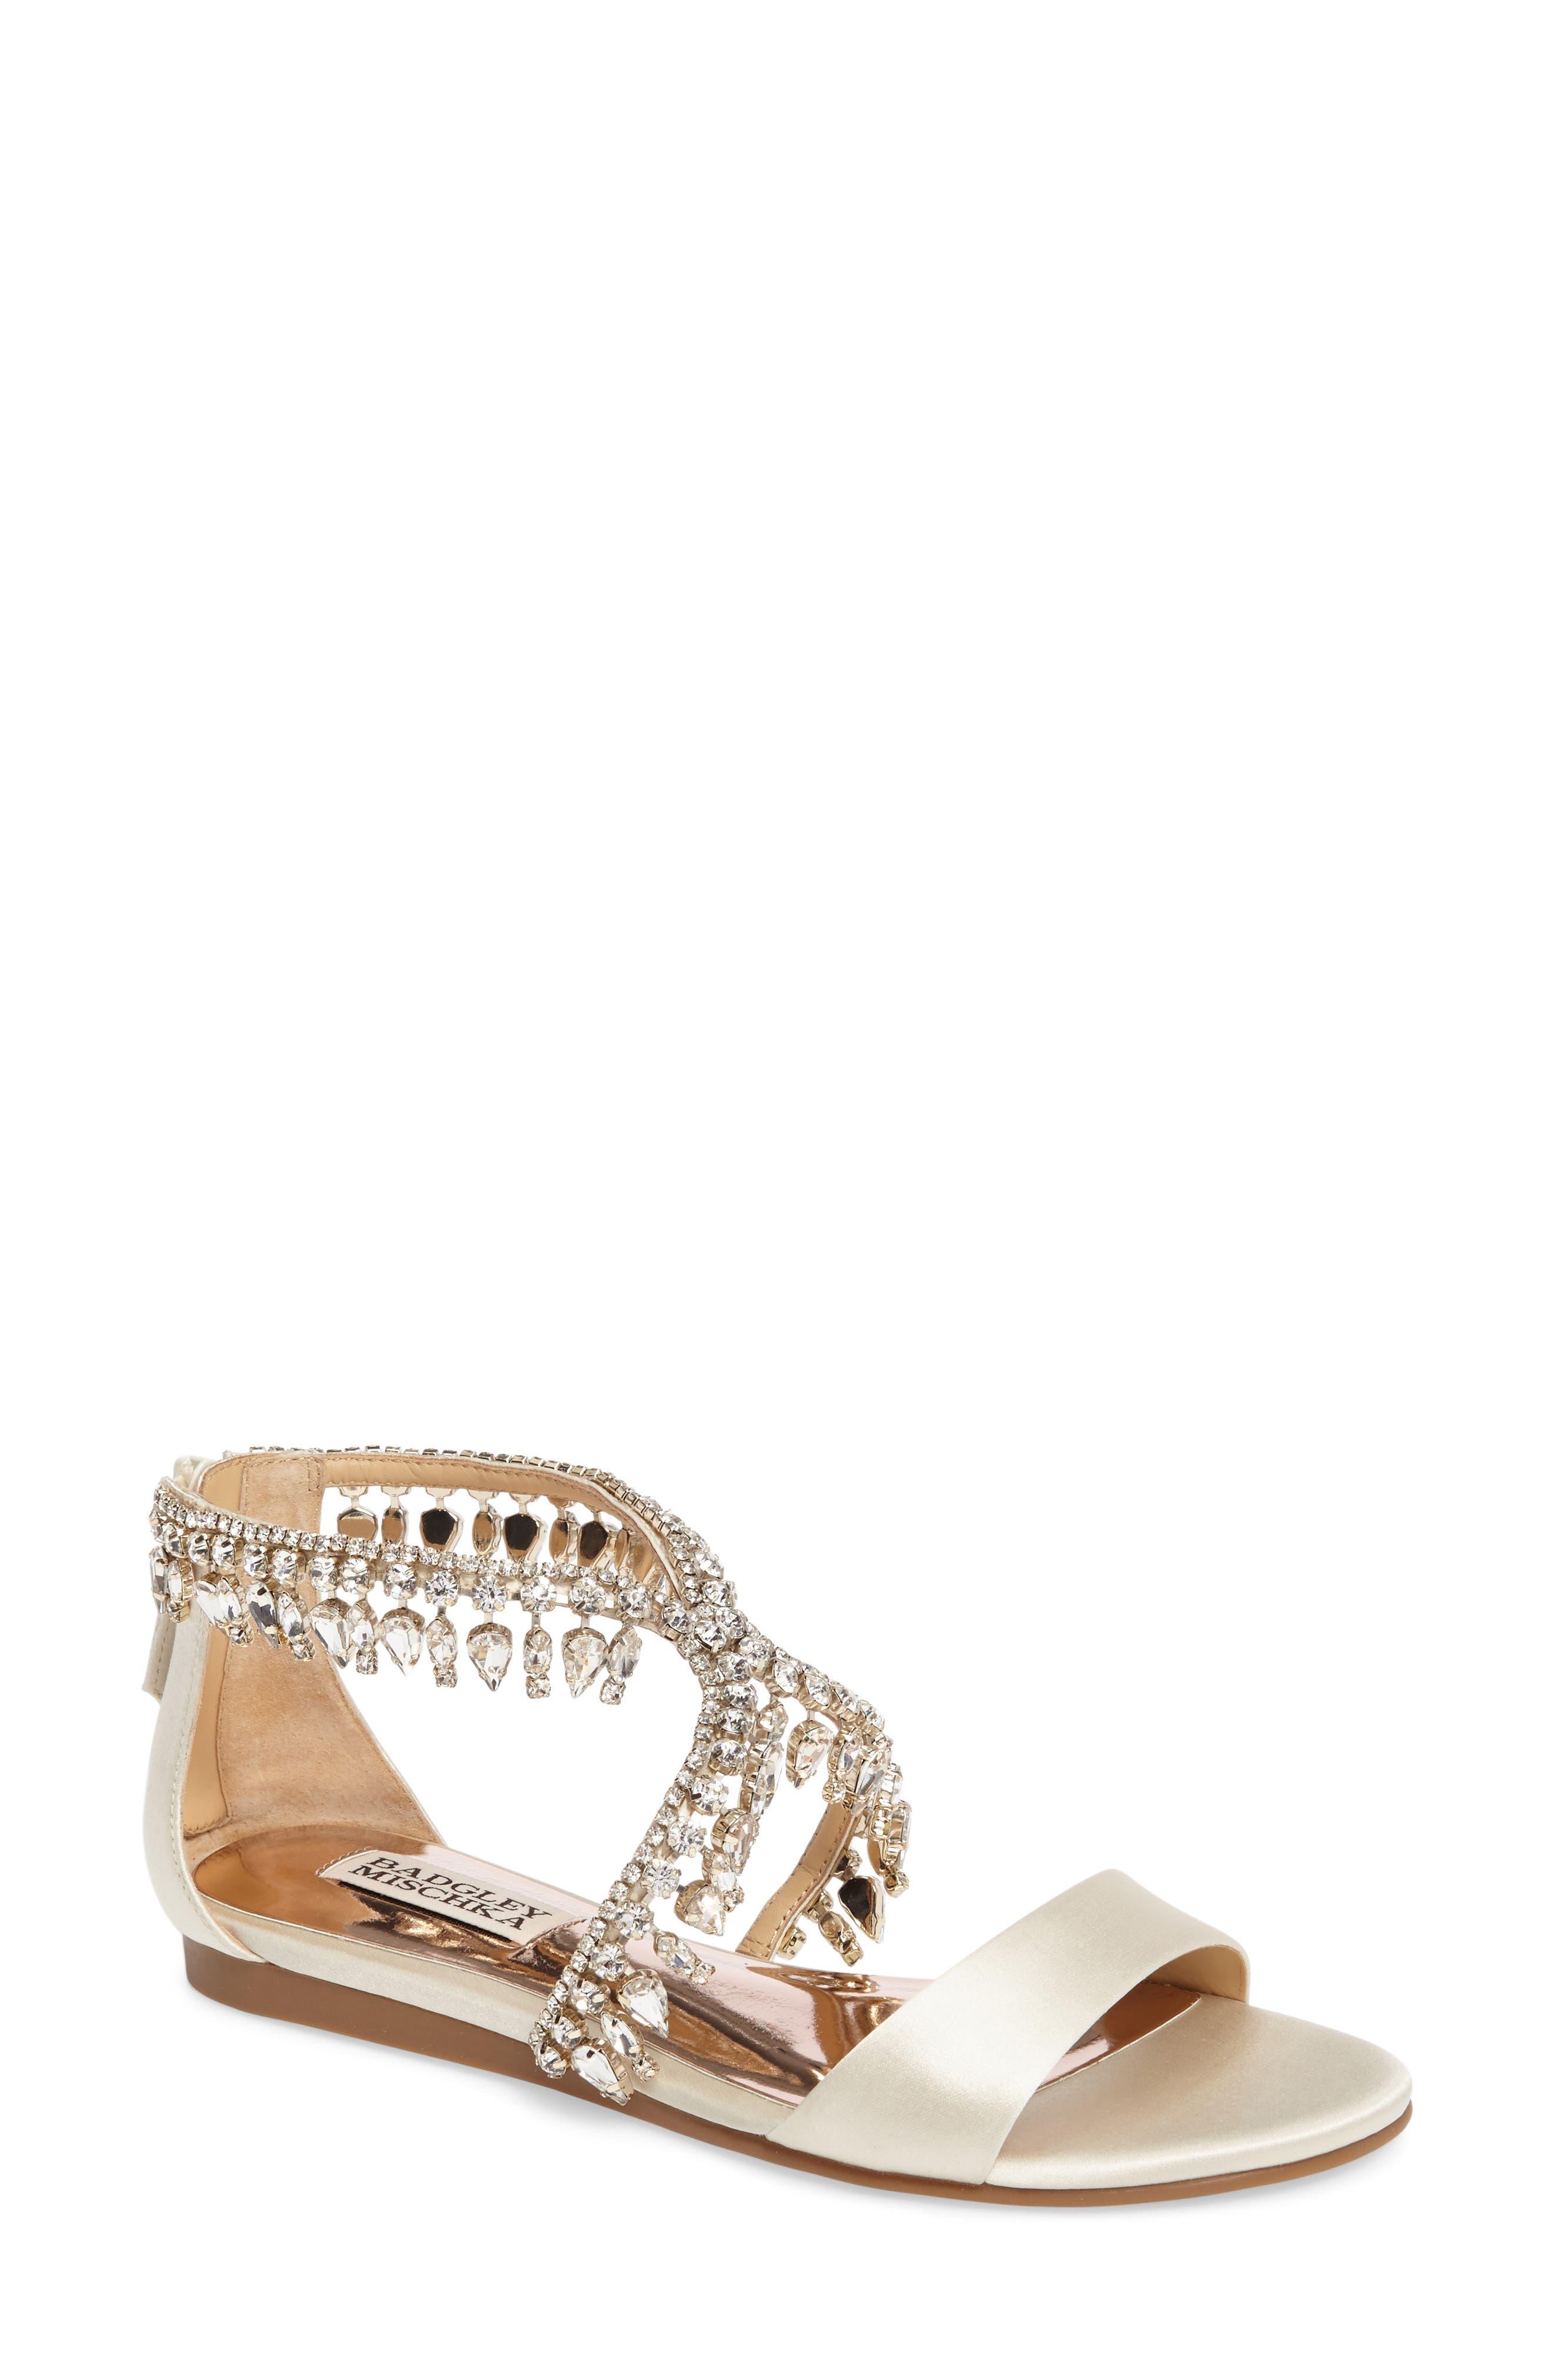 Tristen Crystal Sandal,                         Main,                         color, Ivory Satin